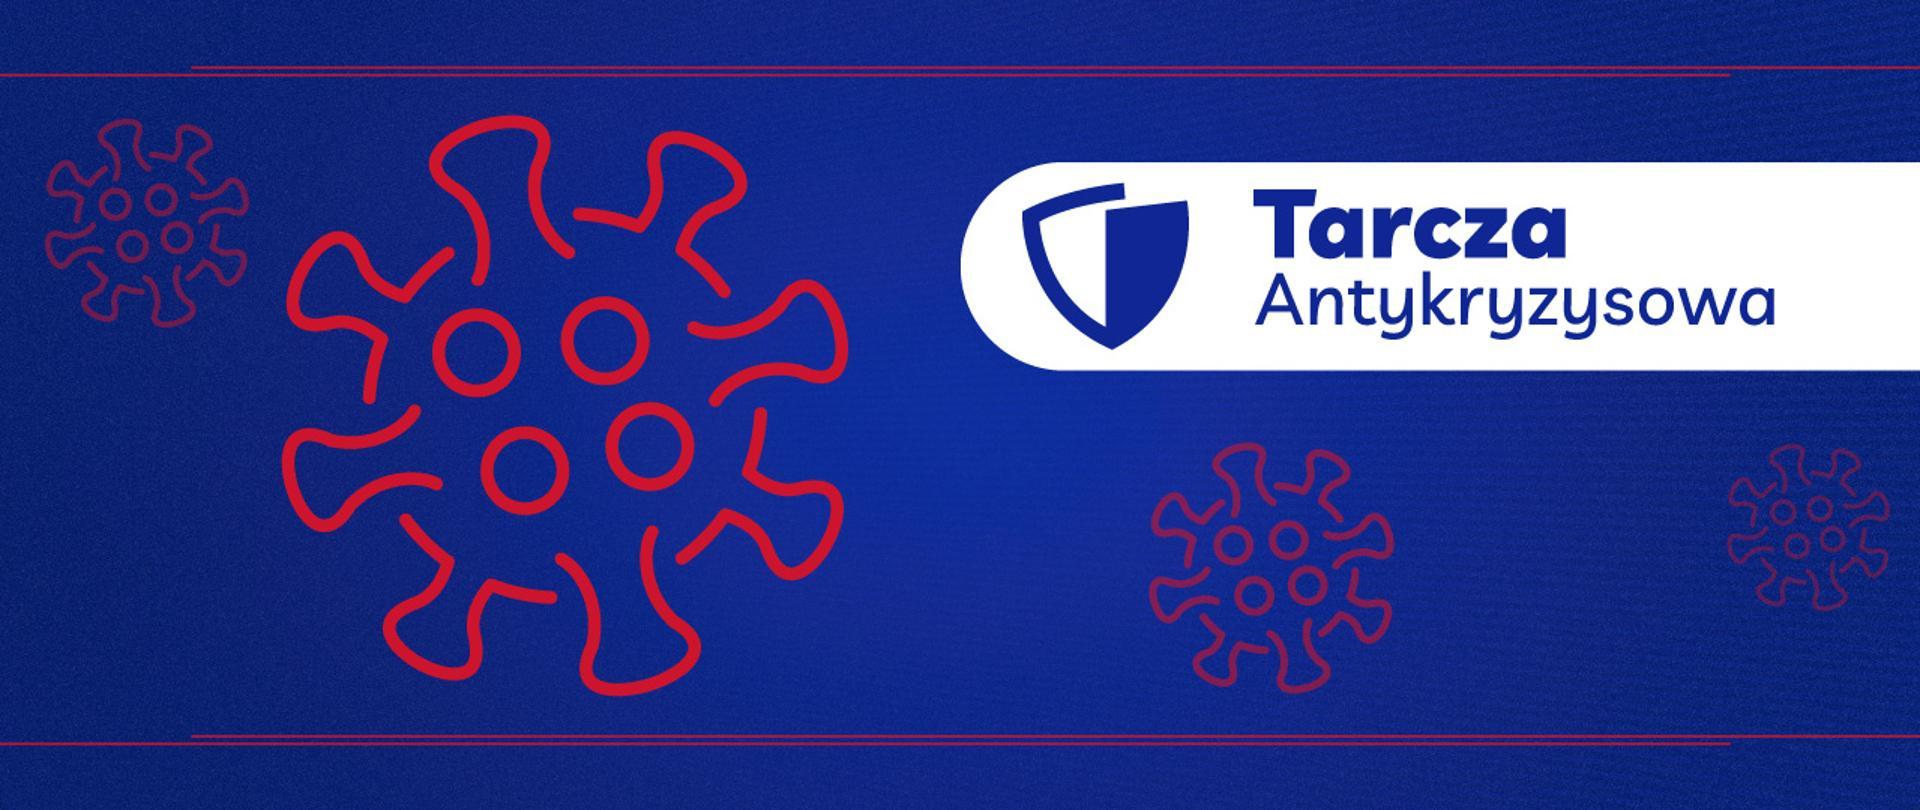 Po prawej stronie biały pasek a na nim tarcza i napis Tarcza Antykryzysowa. Trzy elementy imitujące wirusa z tym że dwa są po lewej stronie a trzeci pod napisem.